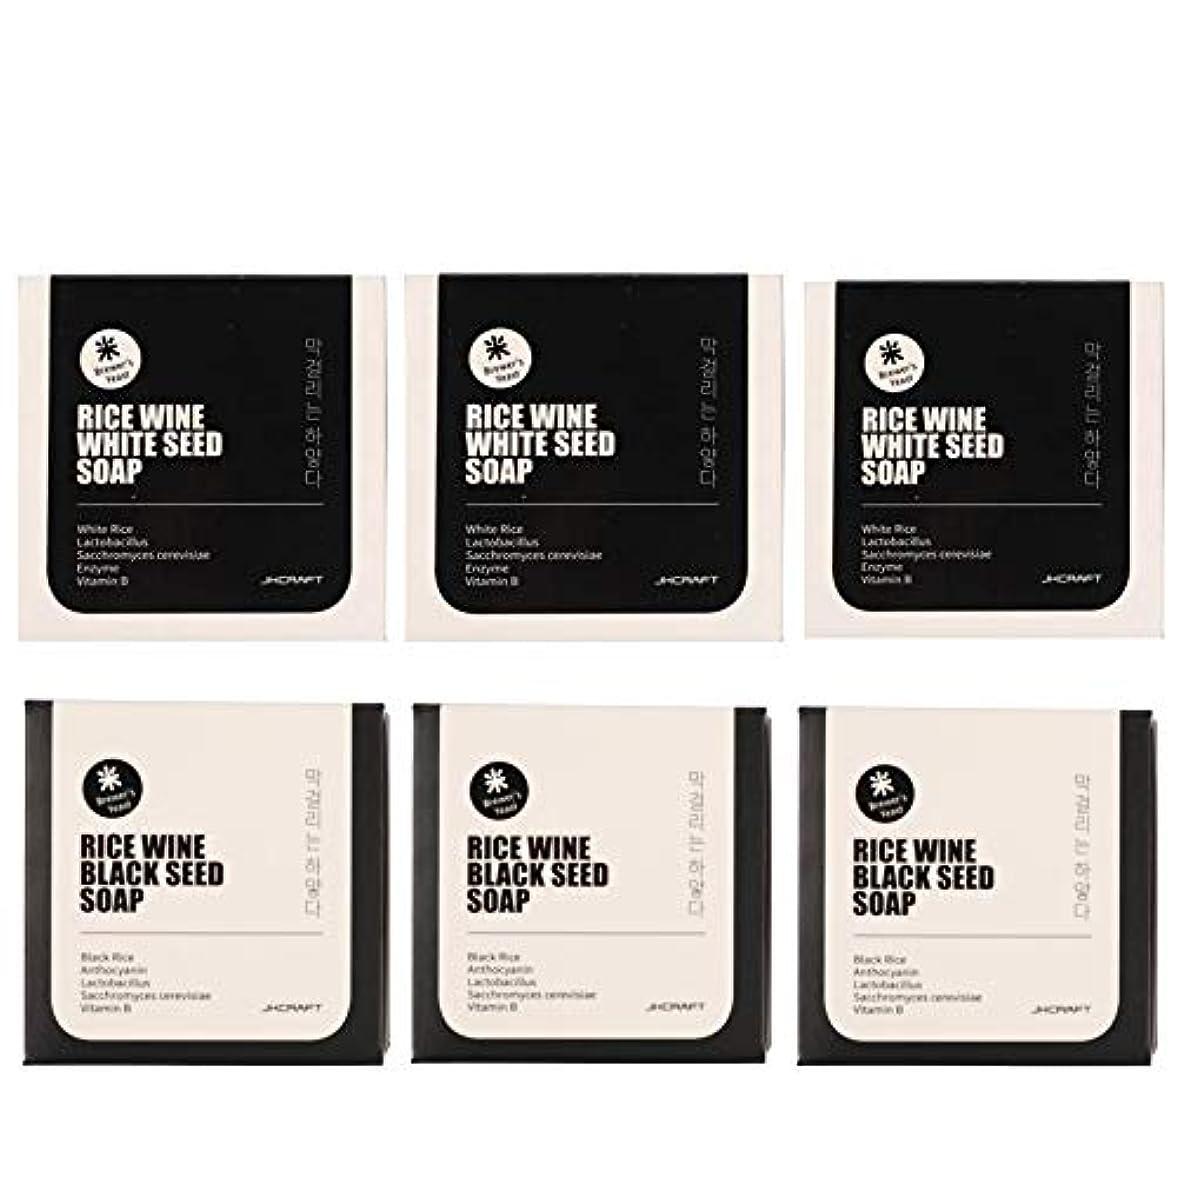 隔離日没咲くJKCRAFT RICEWINE WHITE&BLACK SEED SOAP マッコリ酵母石鹸 & 黒米マッコリ酵母石鹸無添加,無刺激,天然洗顔石鹸 6pcs [並行輸入品]